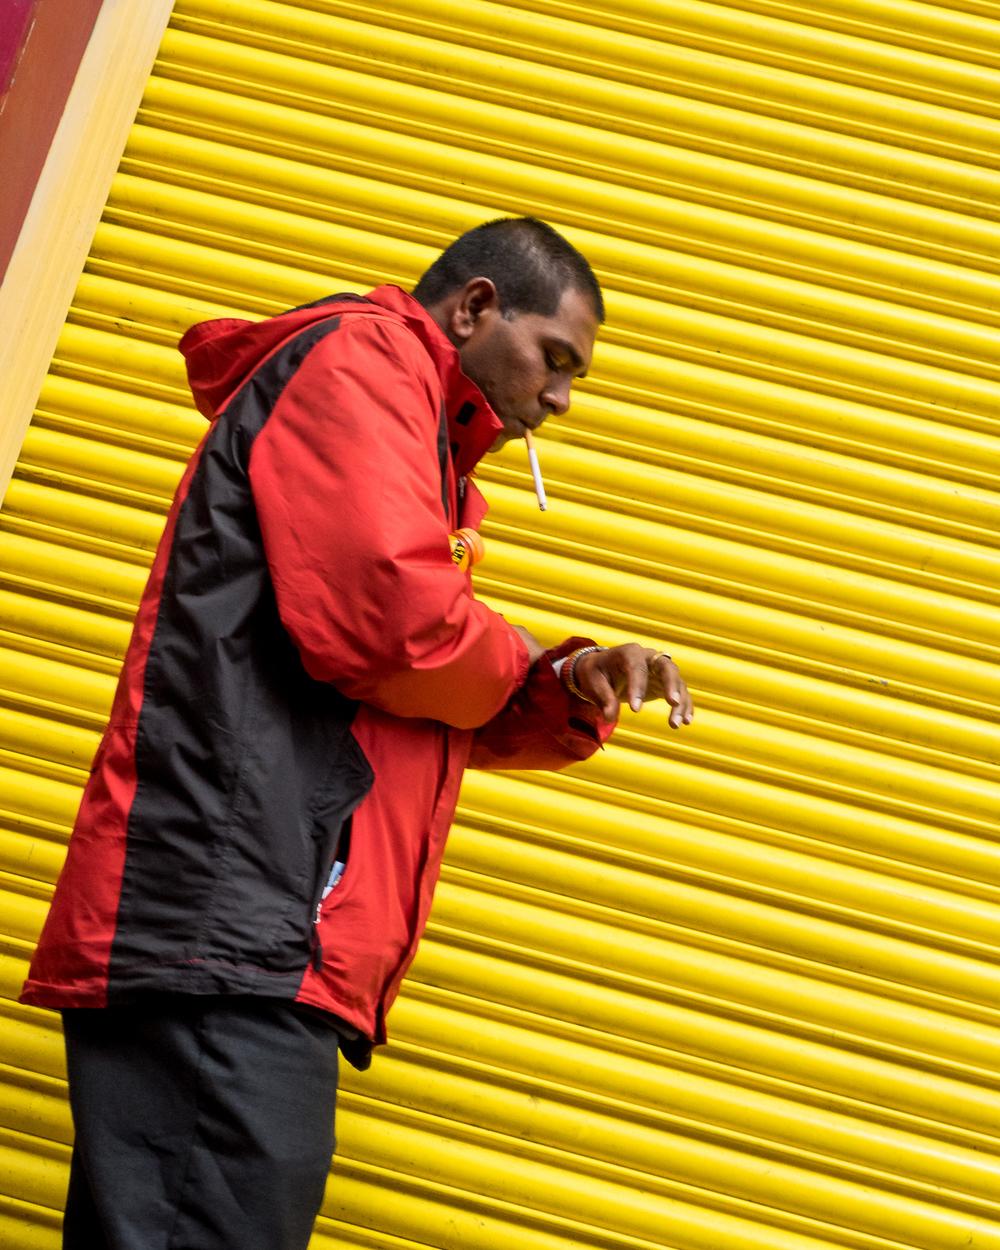 dublin-street-12-jul__009.jpg